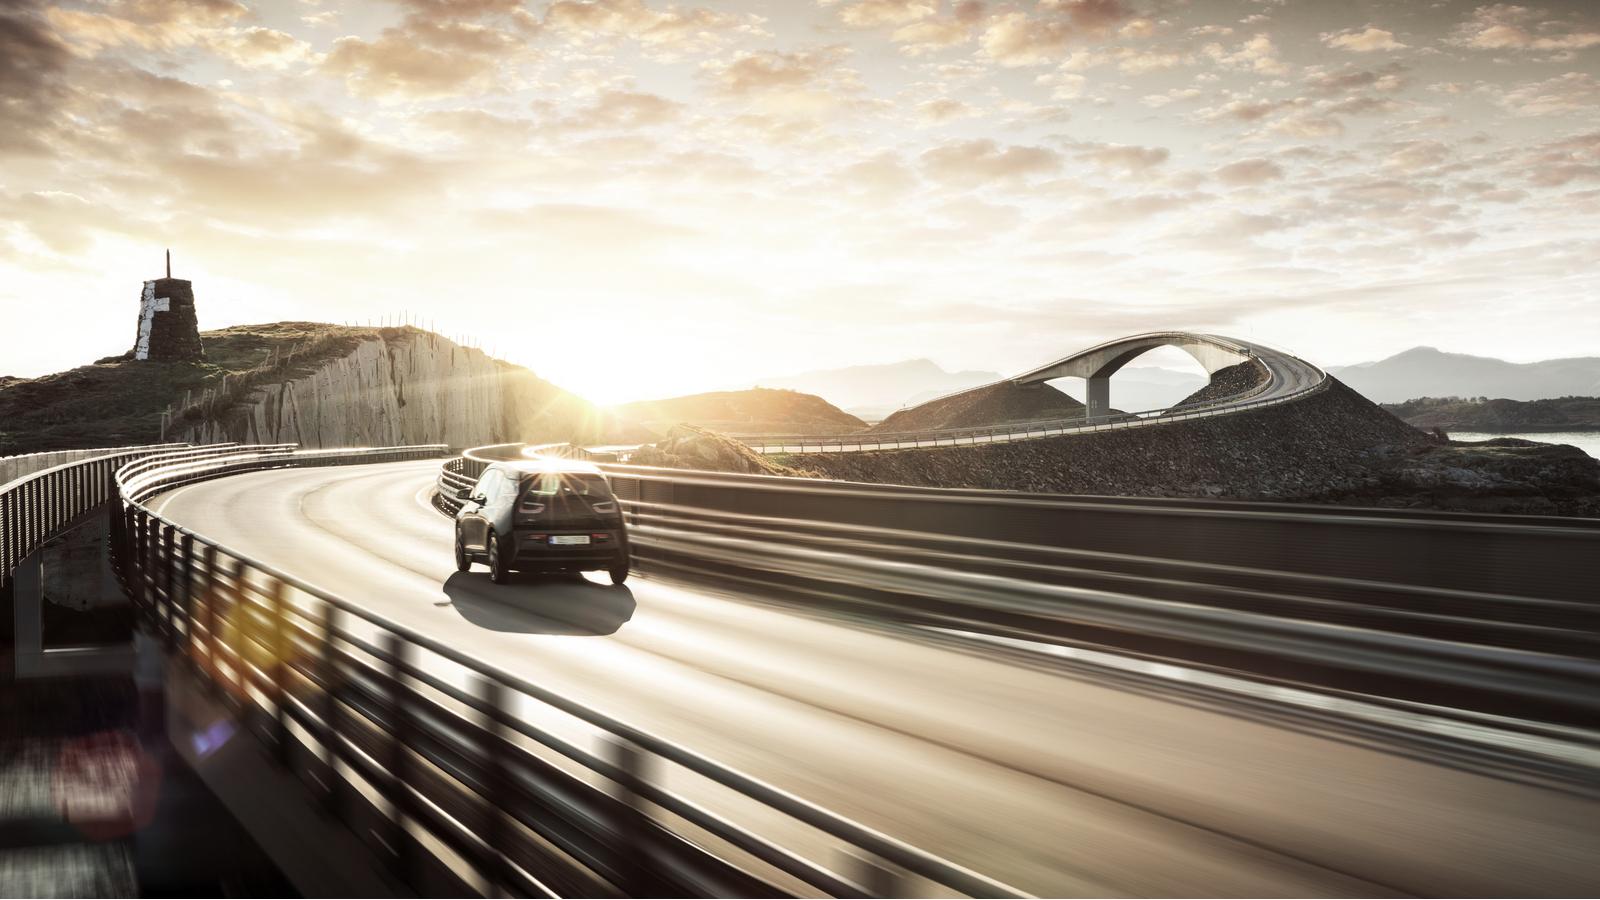 En mars, les immatriculations de voitures électriques ont progressé de 10 % malgré la crise